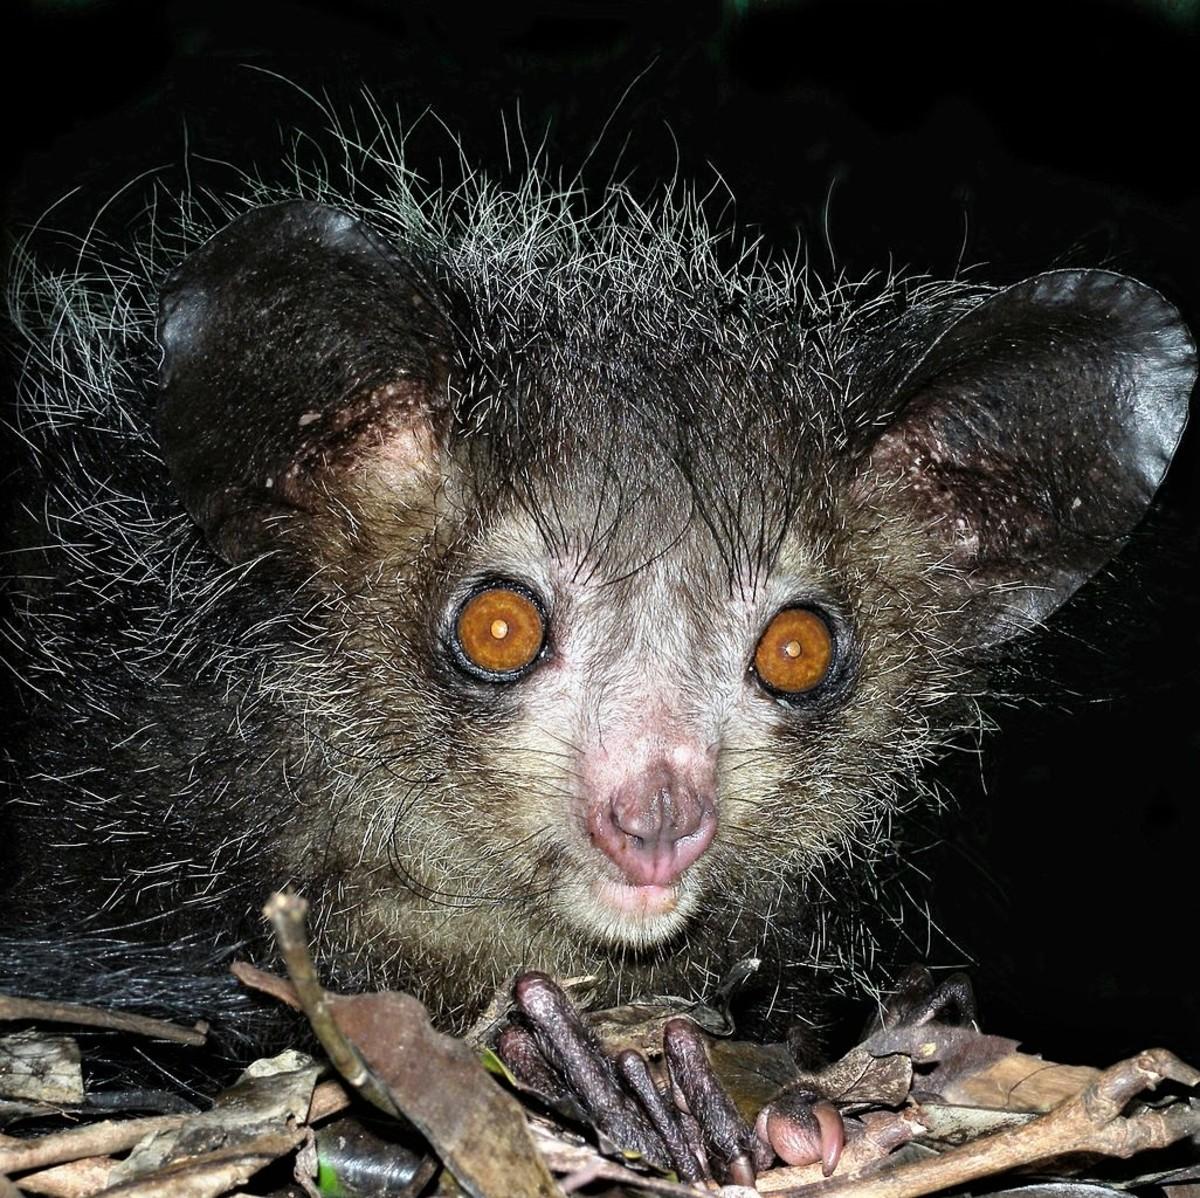 An aye-aye in a zoo in Madagascar